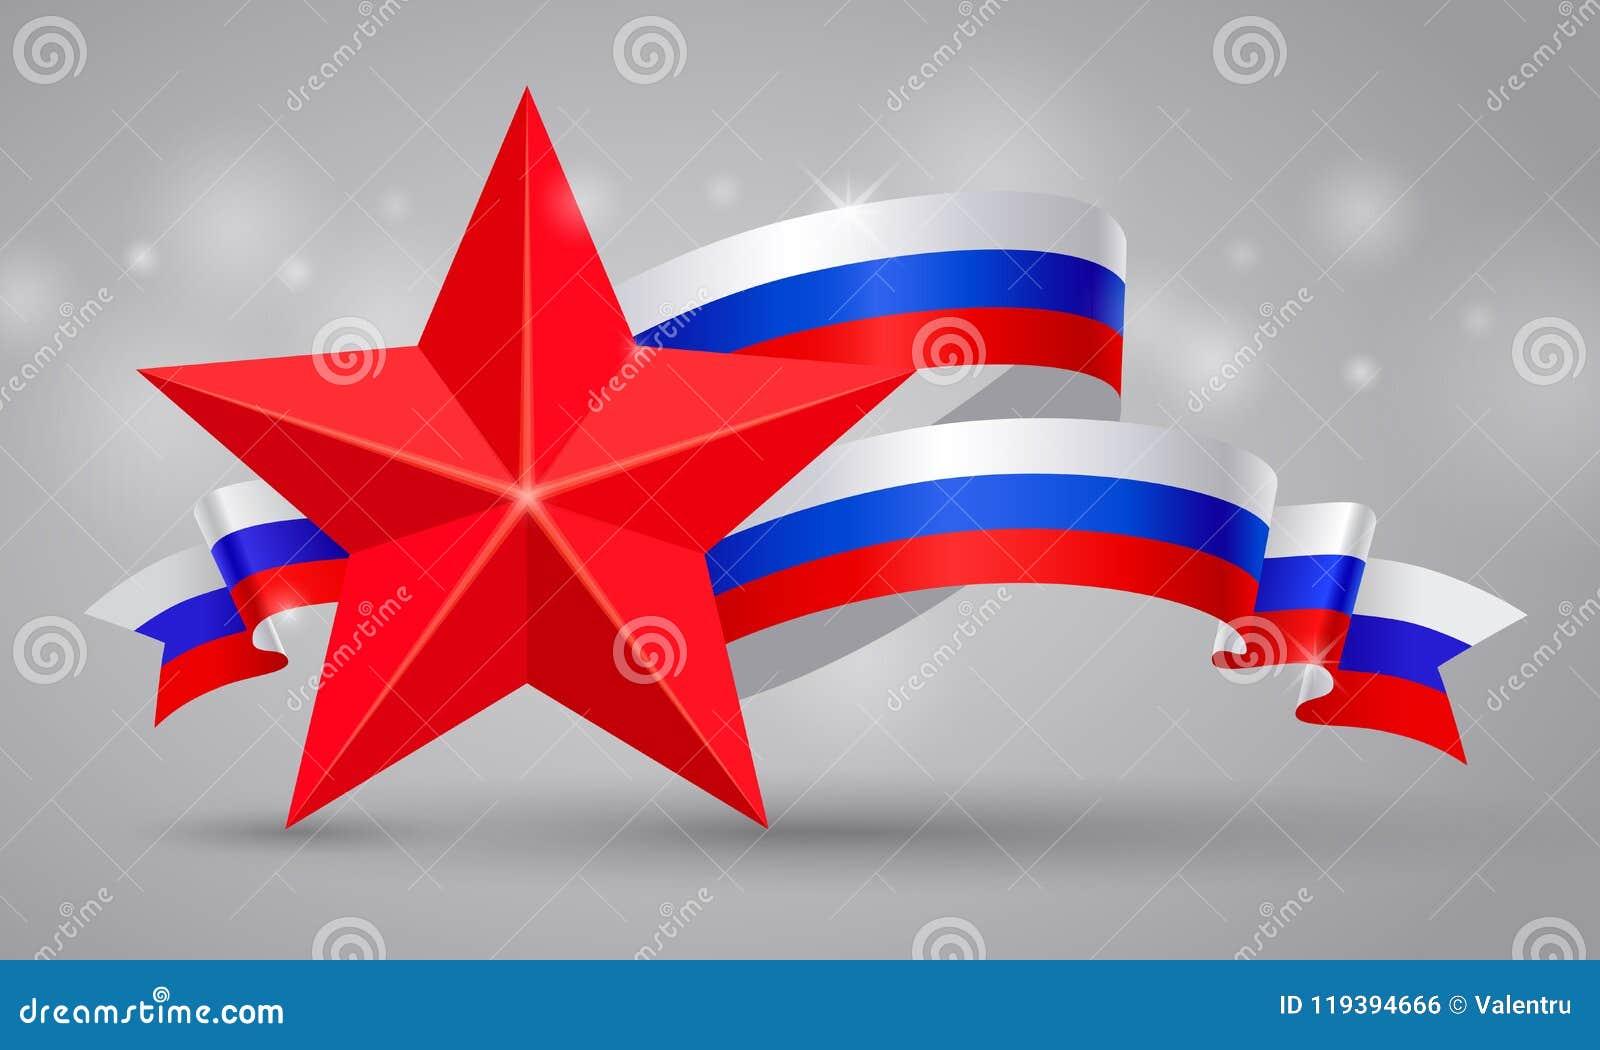 Fita da bandeira do russo com estrela vermelha 23 de fevereiro, o 9 de maio